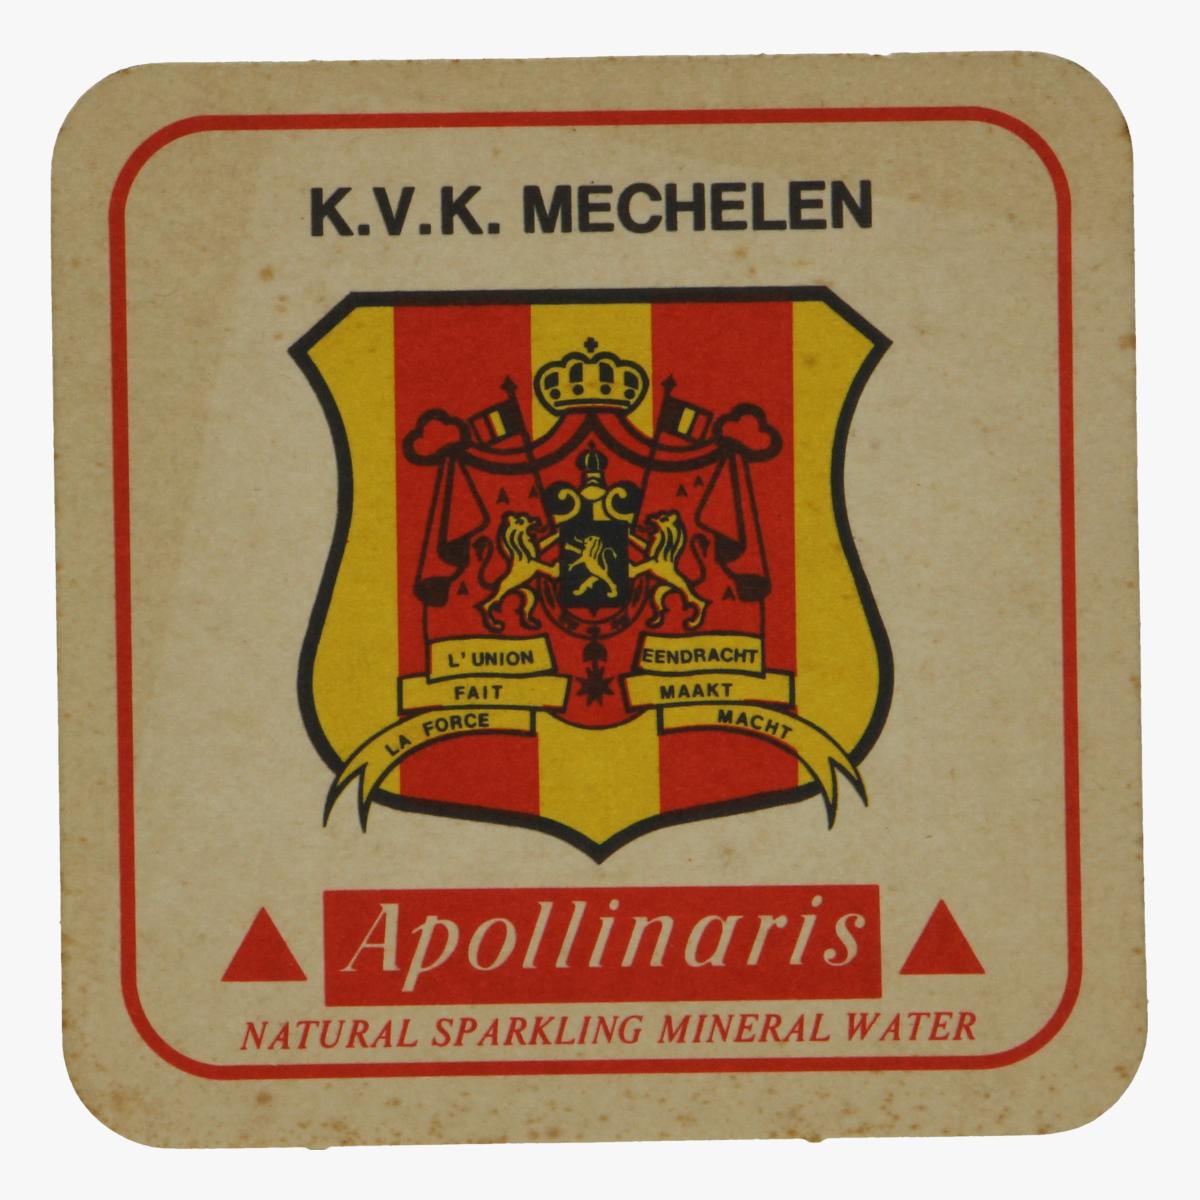 Afbeeldingen van bierkaartje k.v.k. mechelen